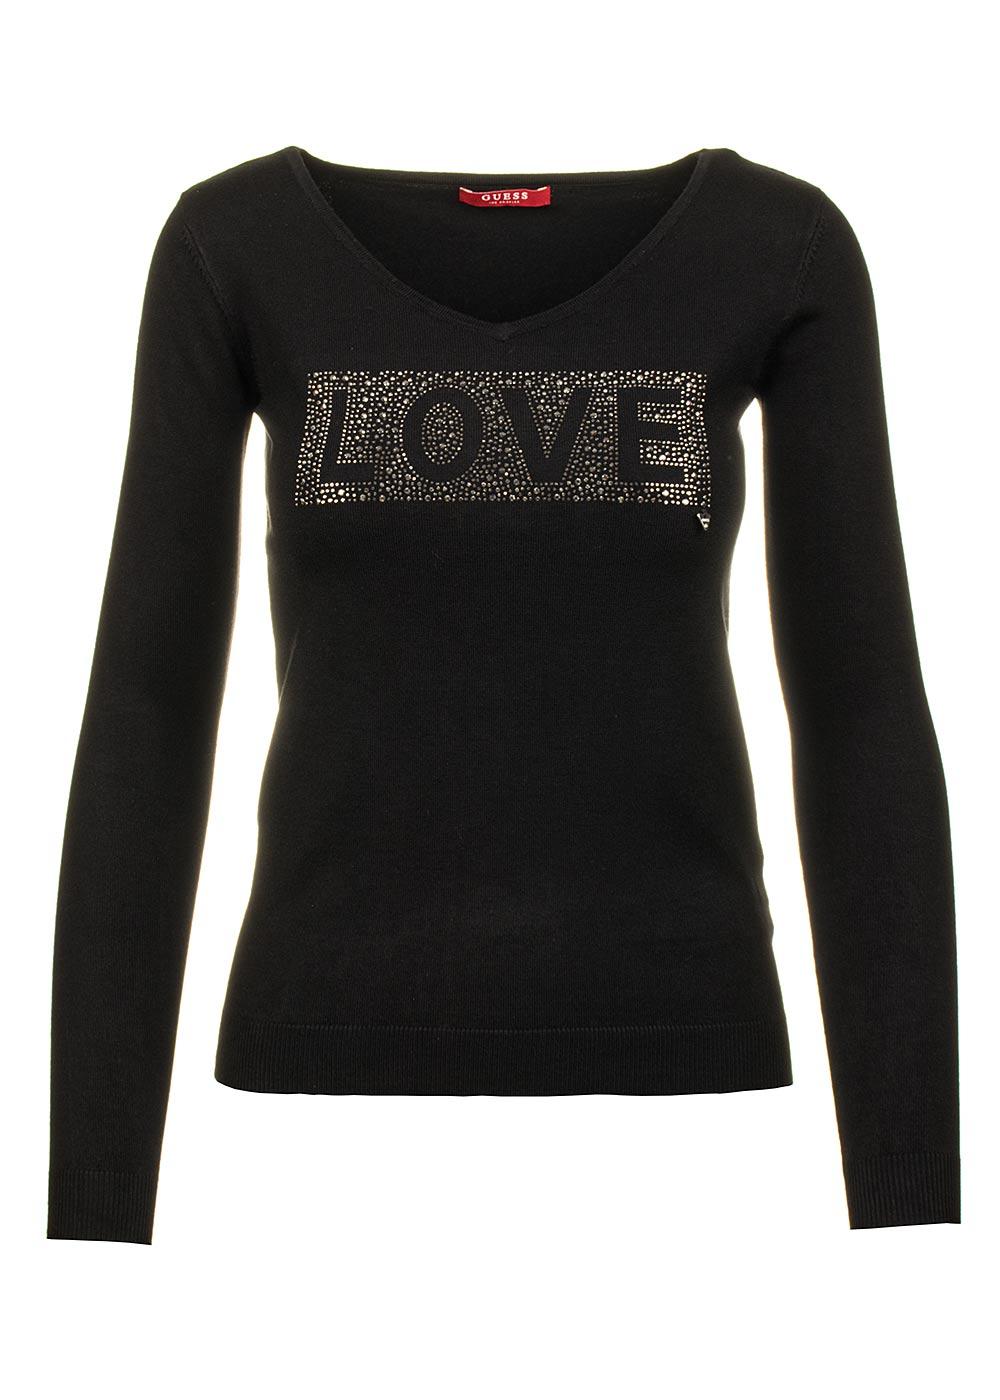 Guess dámský svetr černý s nápisem Velikost: M